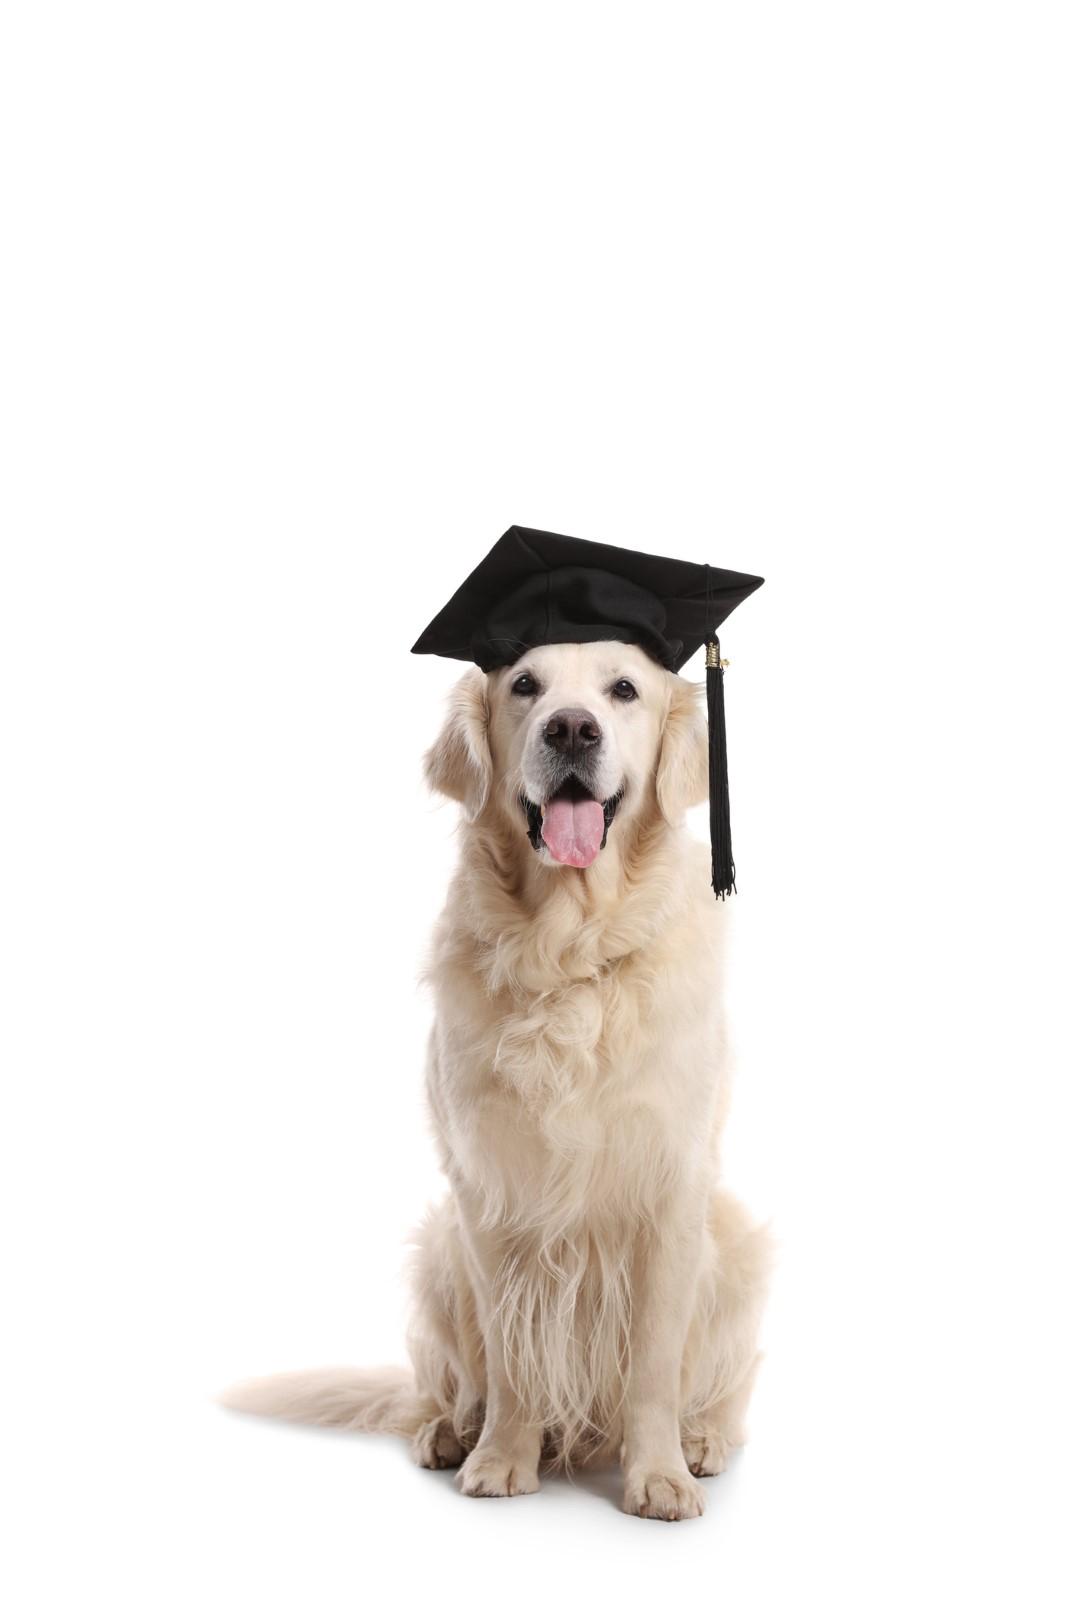 Retriever with graduation cap - Good Mojo Dog Manor